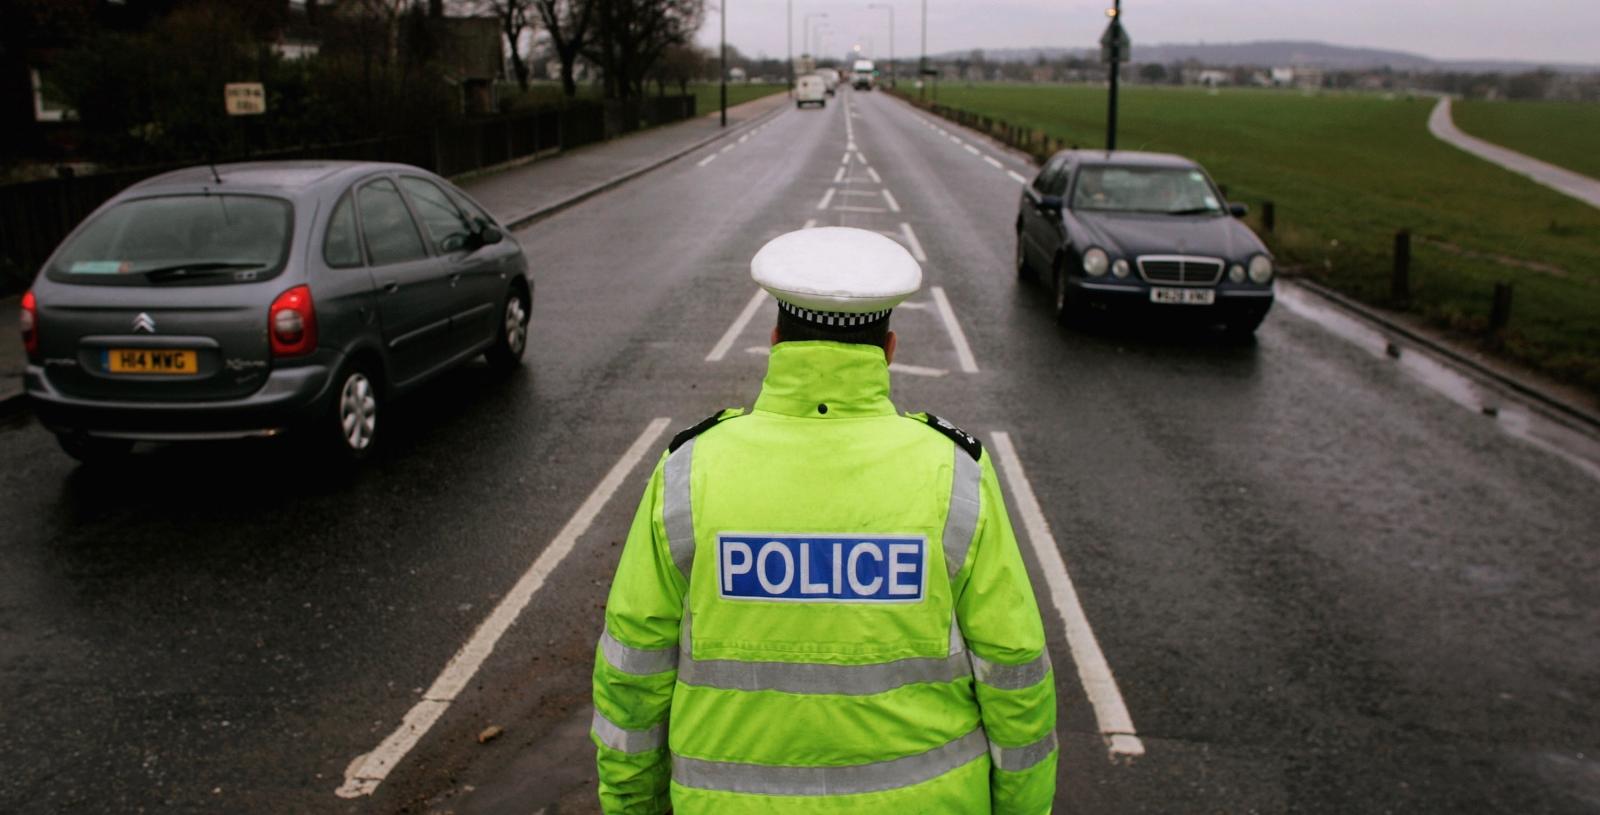 Met Policeman